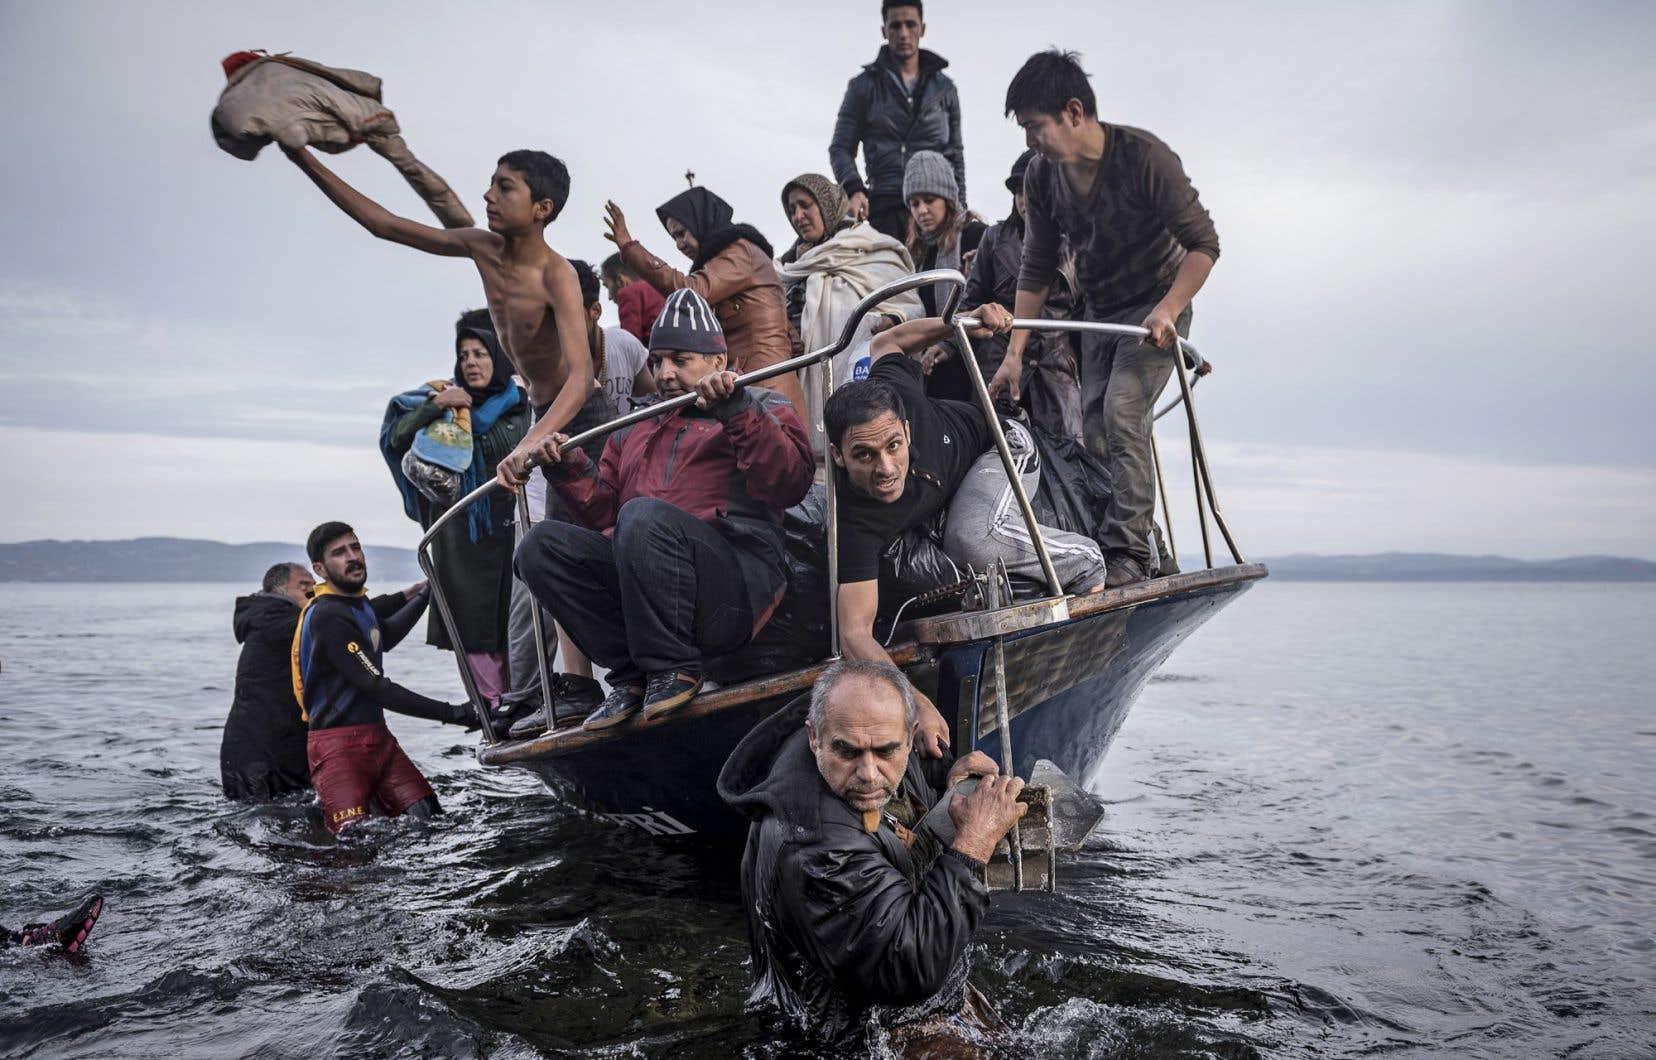 La photo «Crise des réfugiés en Europe» du Russe Sergey Ponomarev ressemble au «Radeau de la Méduse» de Géricault.